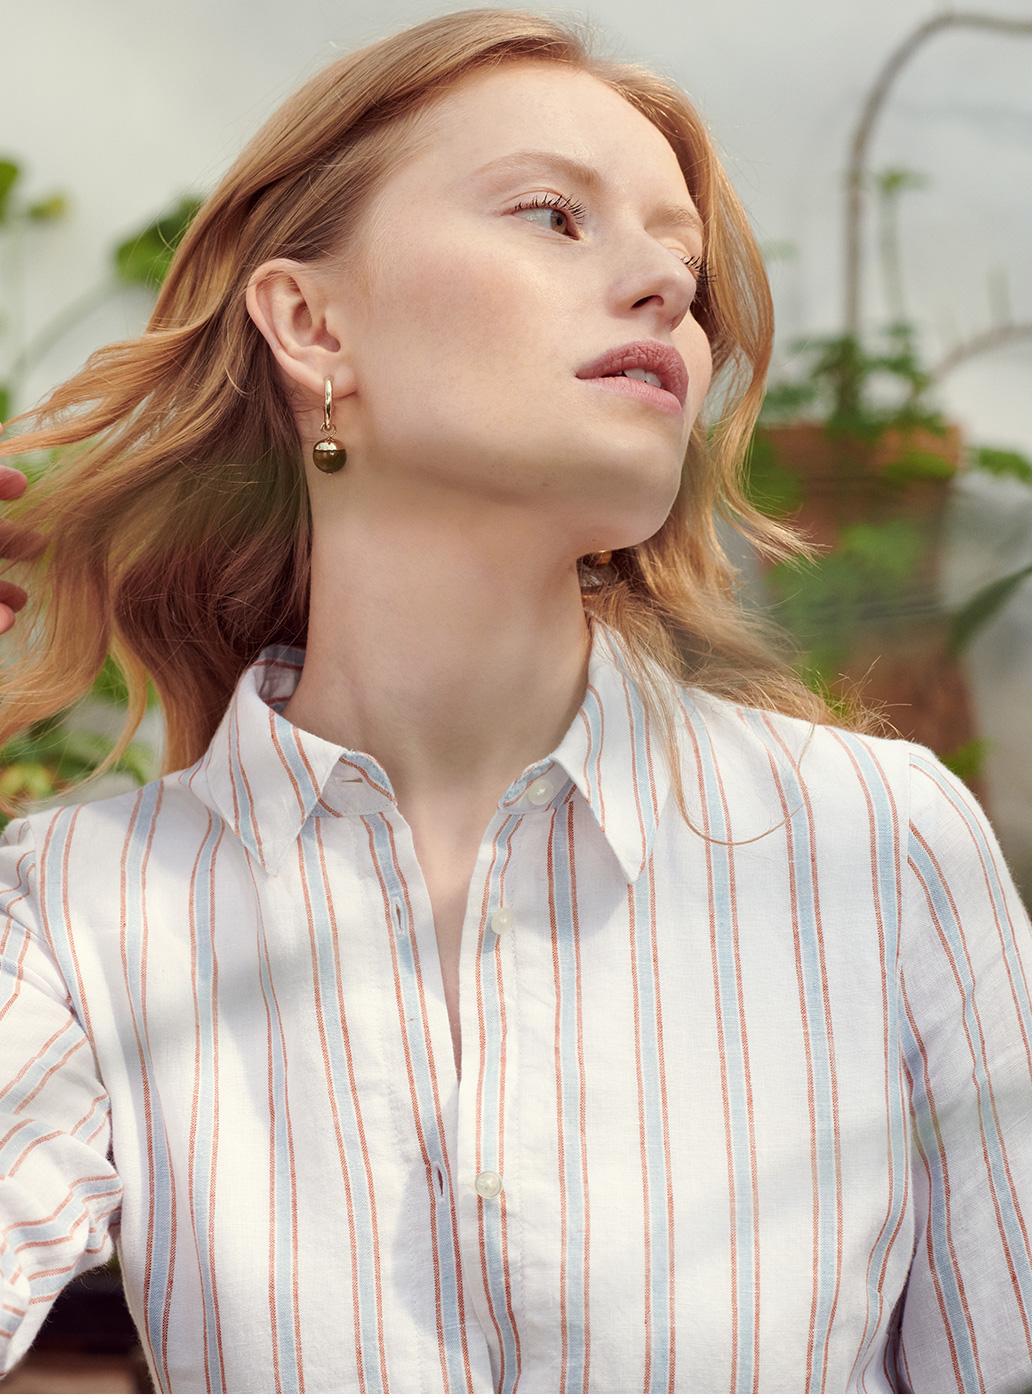 Model in a striped shirt dress wears a pair of earrings.